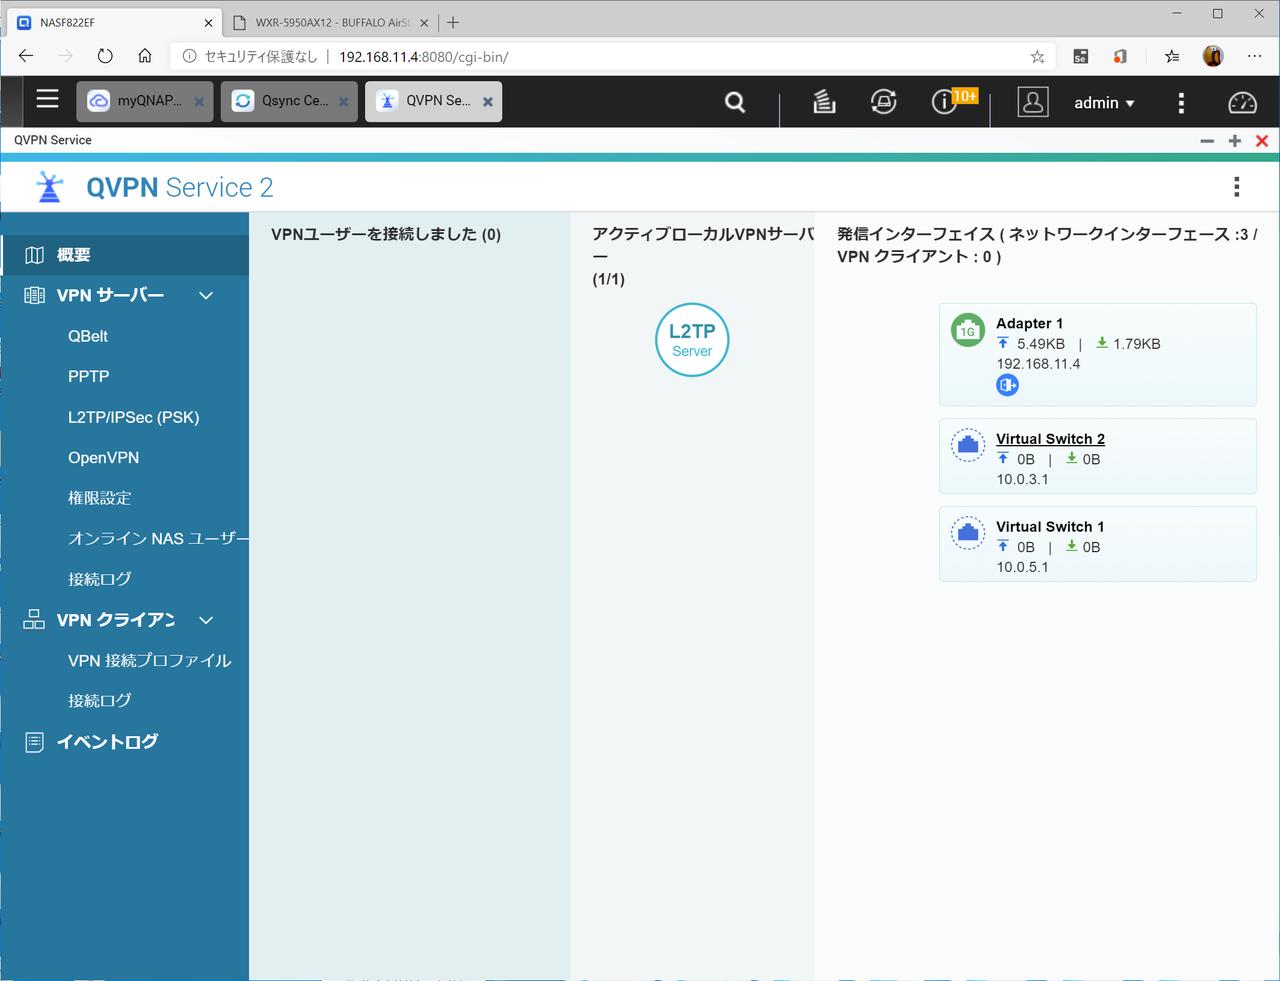 QNAPのNASに搭載されているVPNサーバー機能。複数のプロトコルに対応している